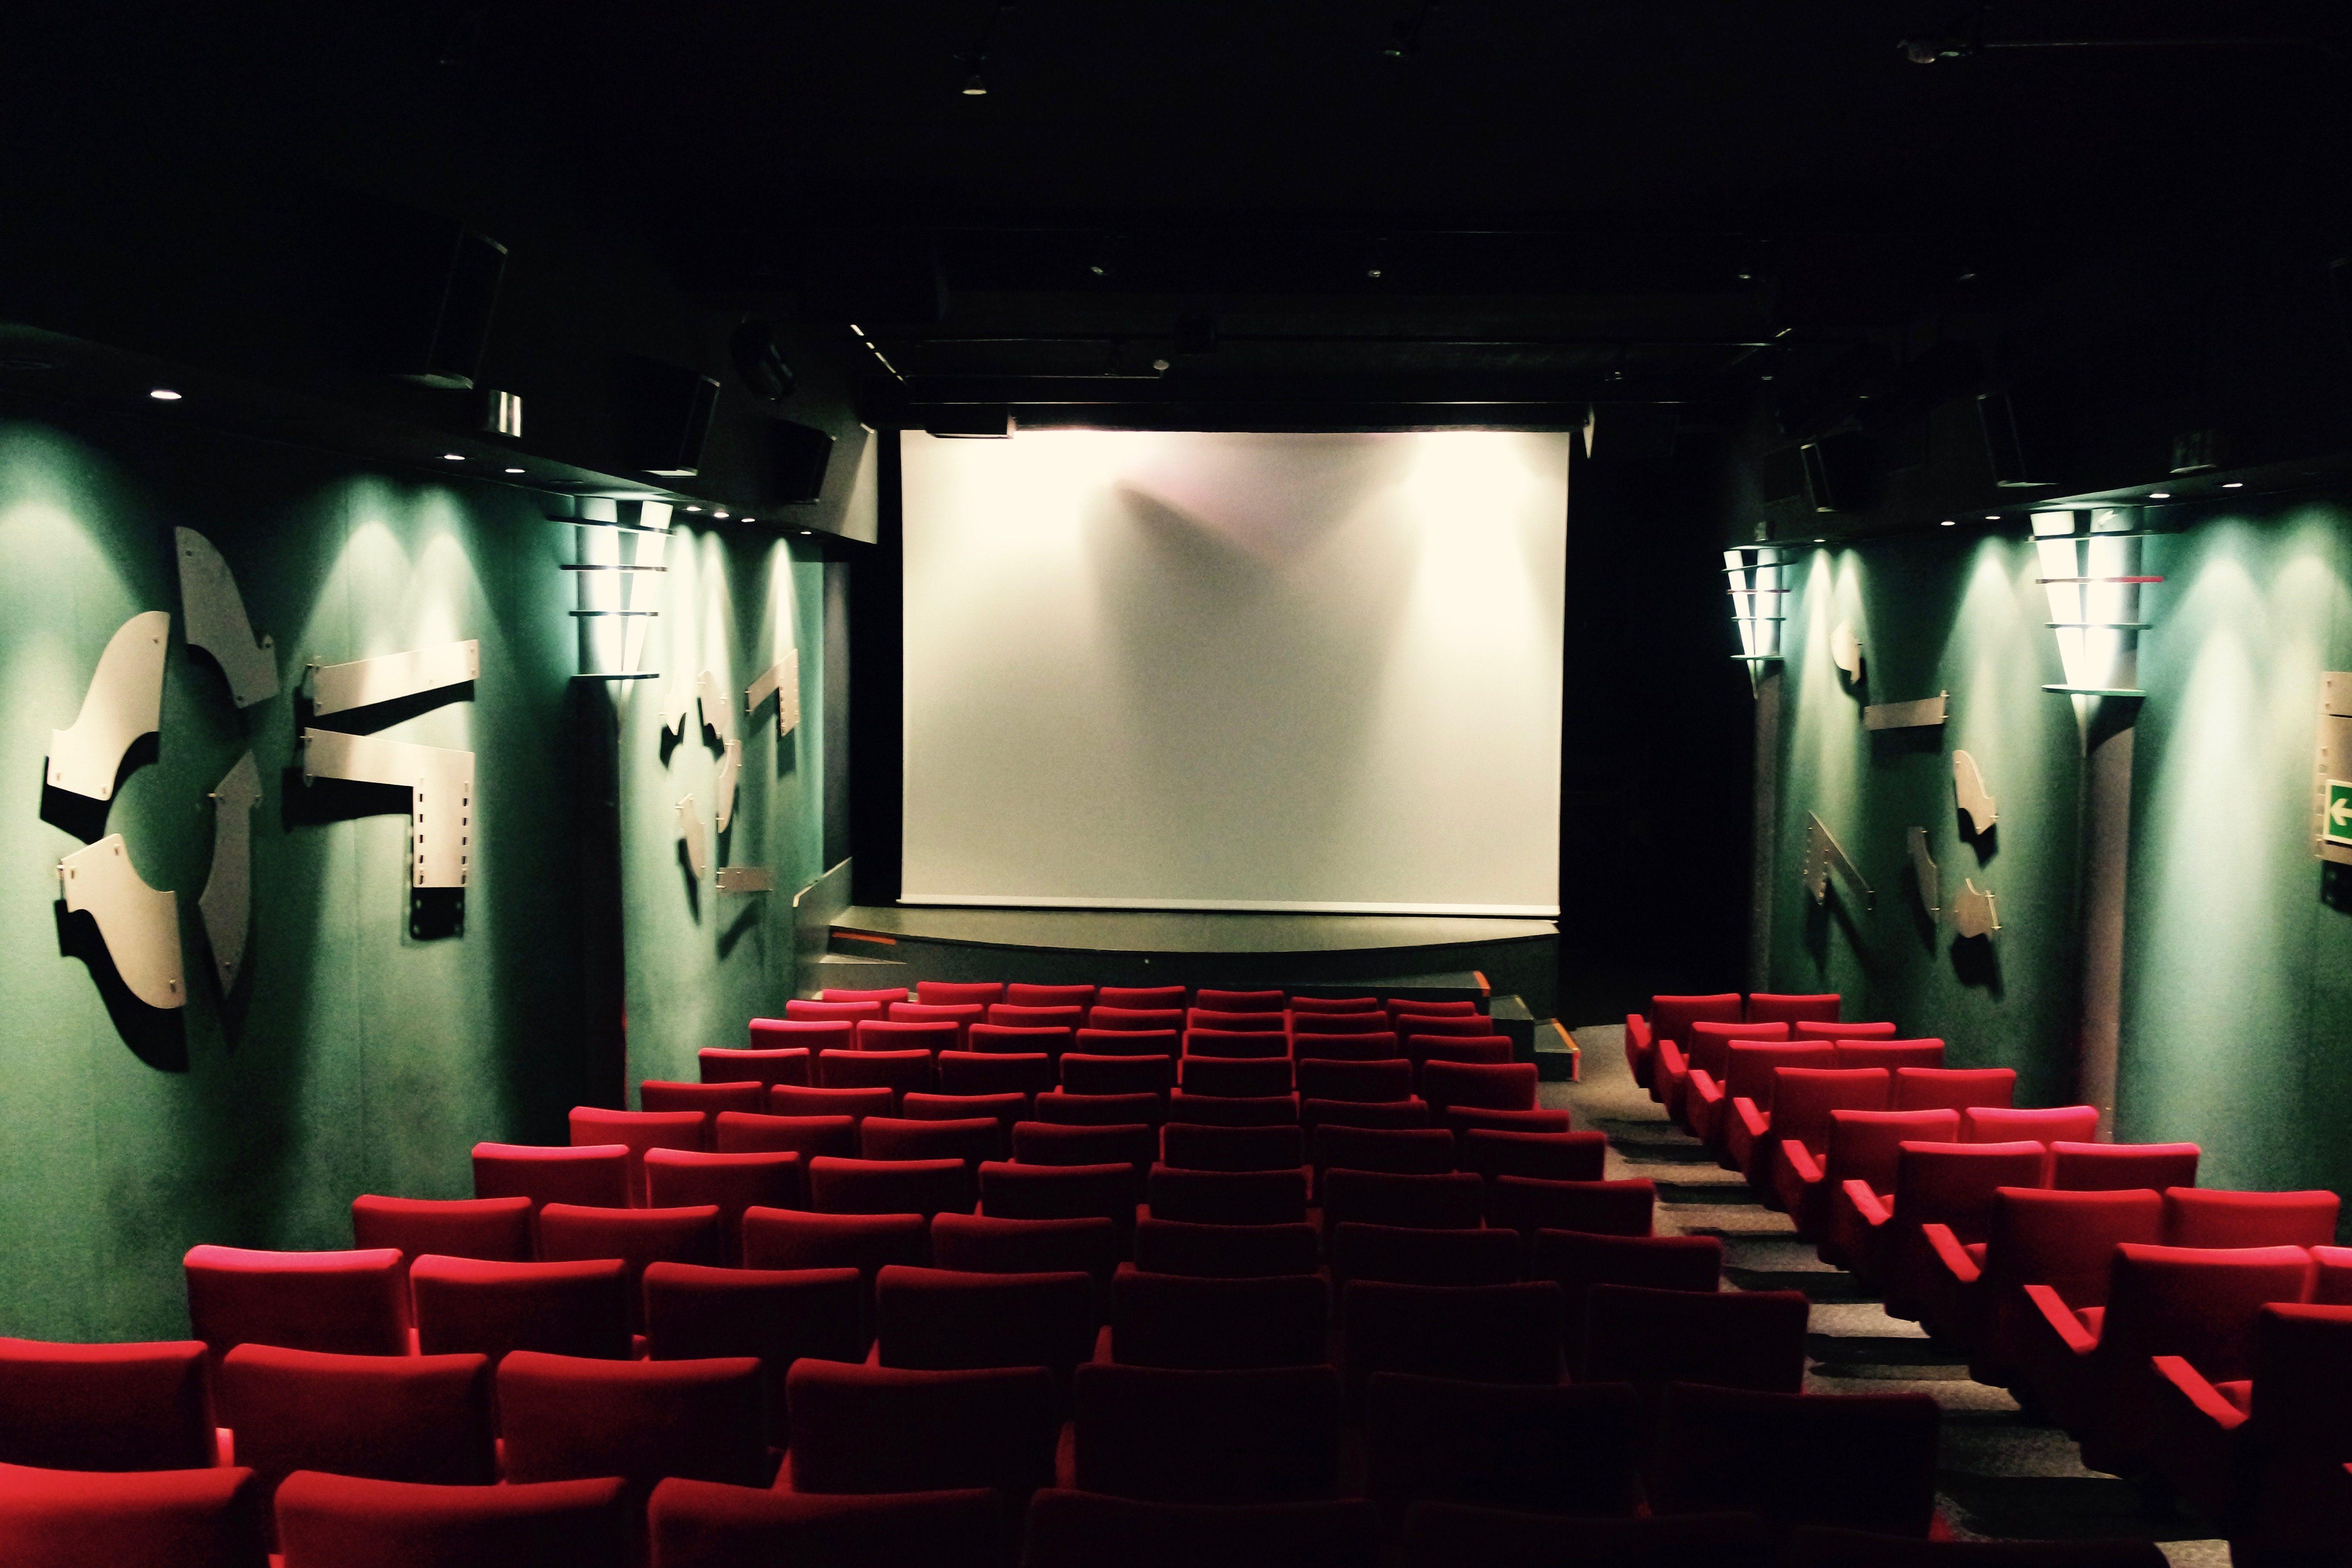 Cinéma La Clef : une porte ouverte sur le monde